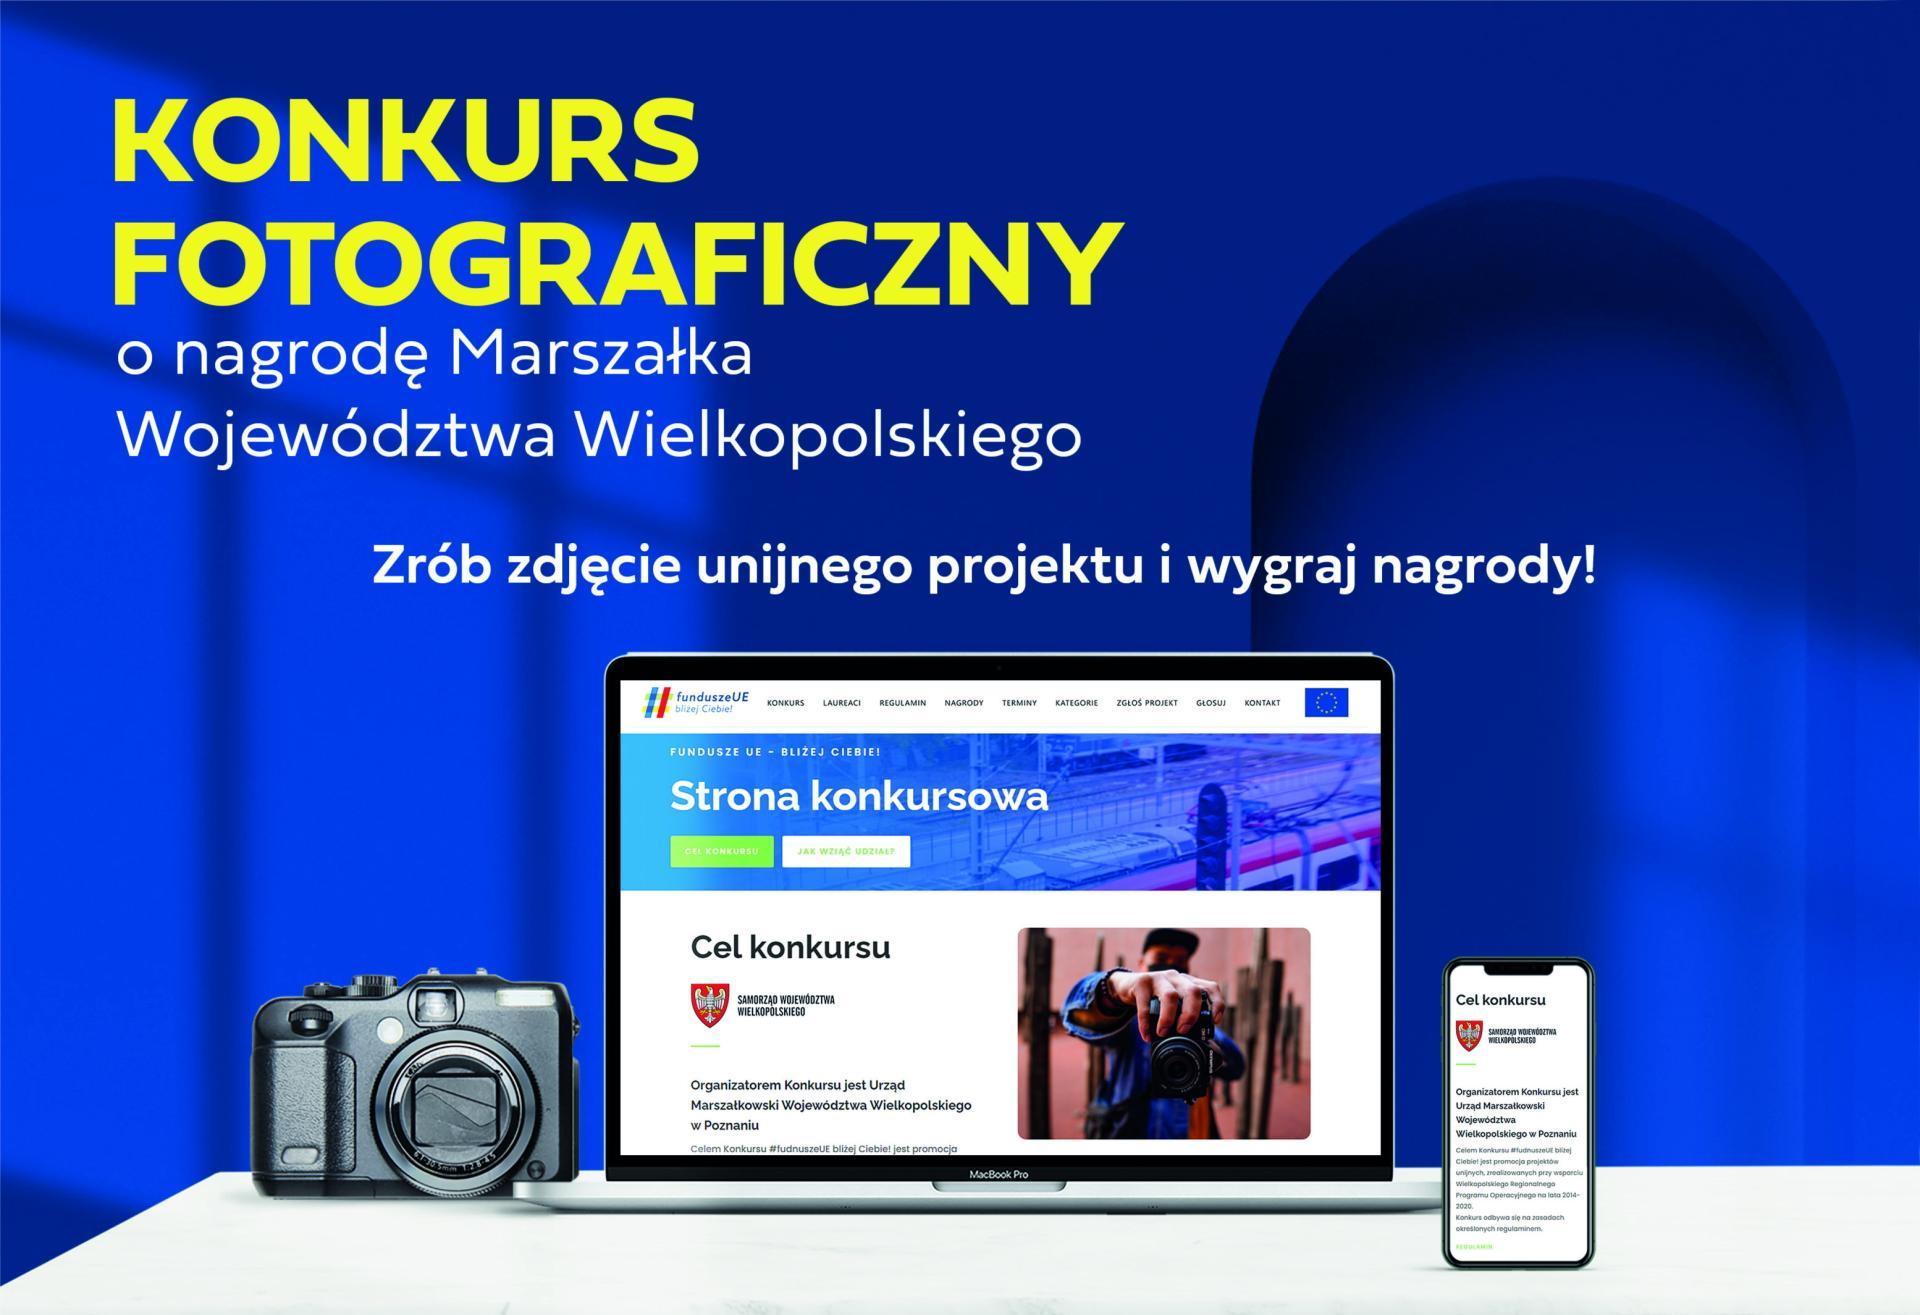 Konkurs fotograficzny o nagrodę Marszałka Województwa Wielkopolskiego pn. #funduszeUE bliżej Ciebie!  - zobacz więcej